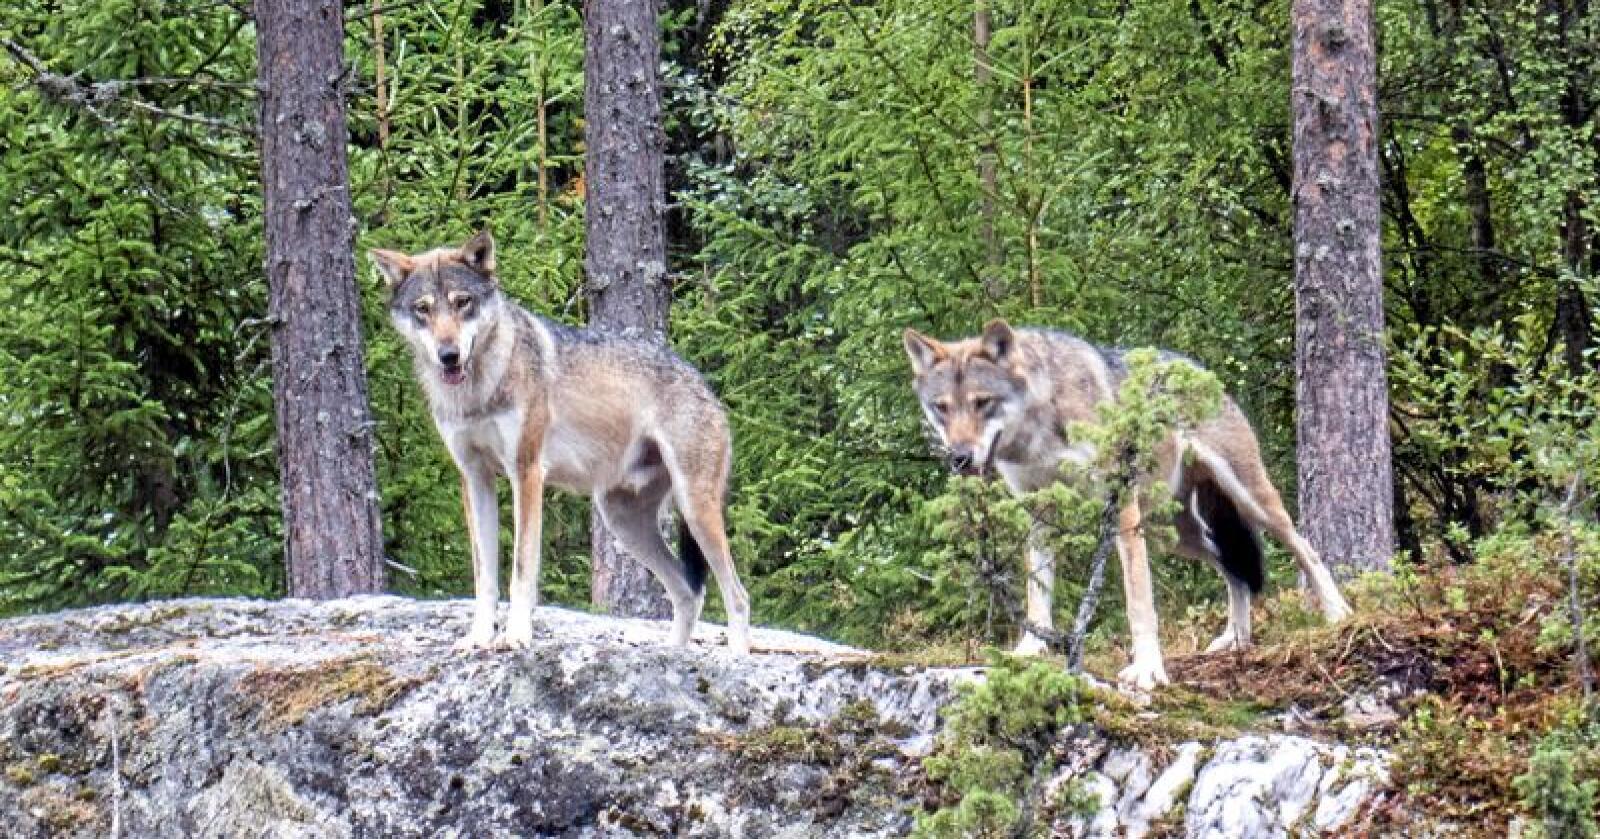 Noen ulverevirer har oftere angrep på hunder enn andre. Illustrasjonsfoto: Paul Kleiven / NTB scanpix